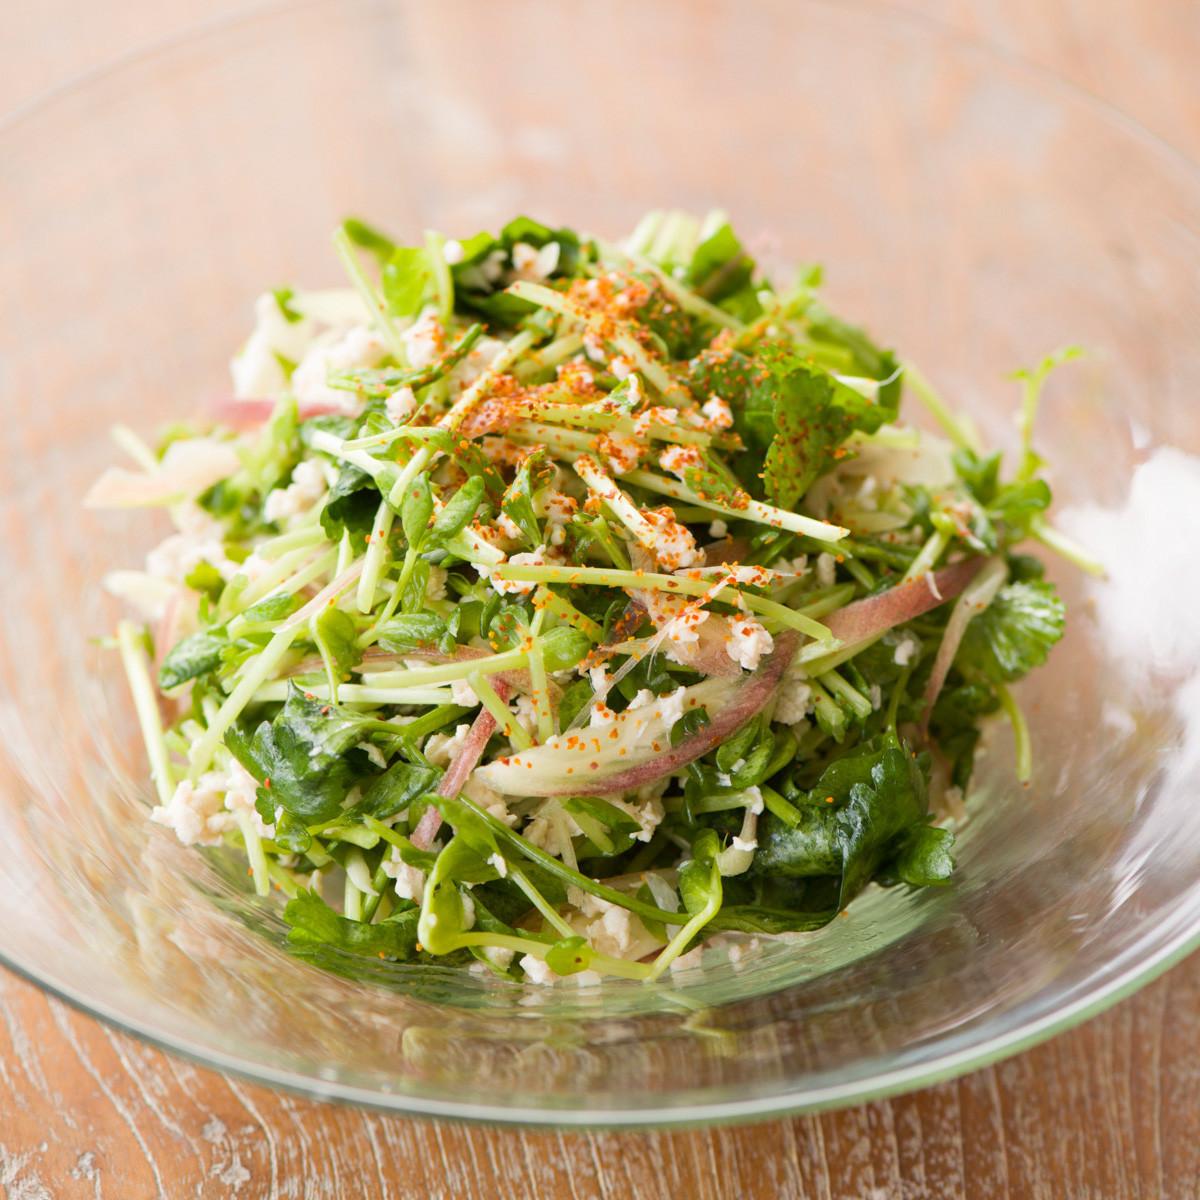 【ダイエットにもおすすめの食事やメニューは? Atsushi流レシピ】_豆苗+オイル「豆苗と鶏ひき肉のエスニックサラダ」